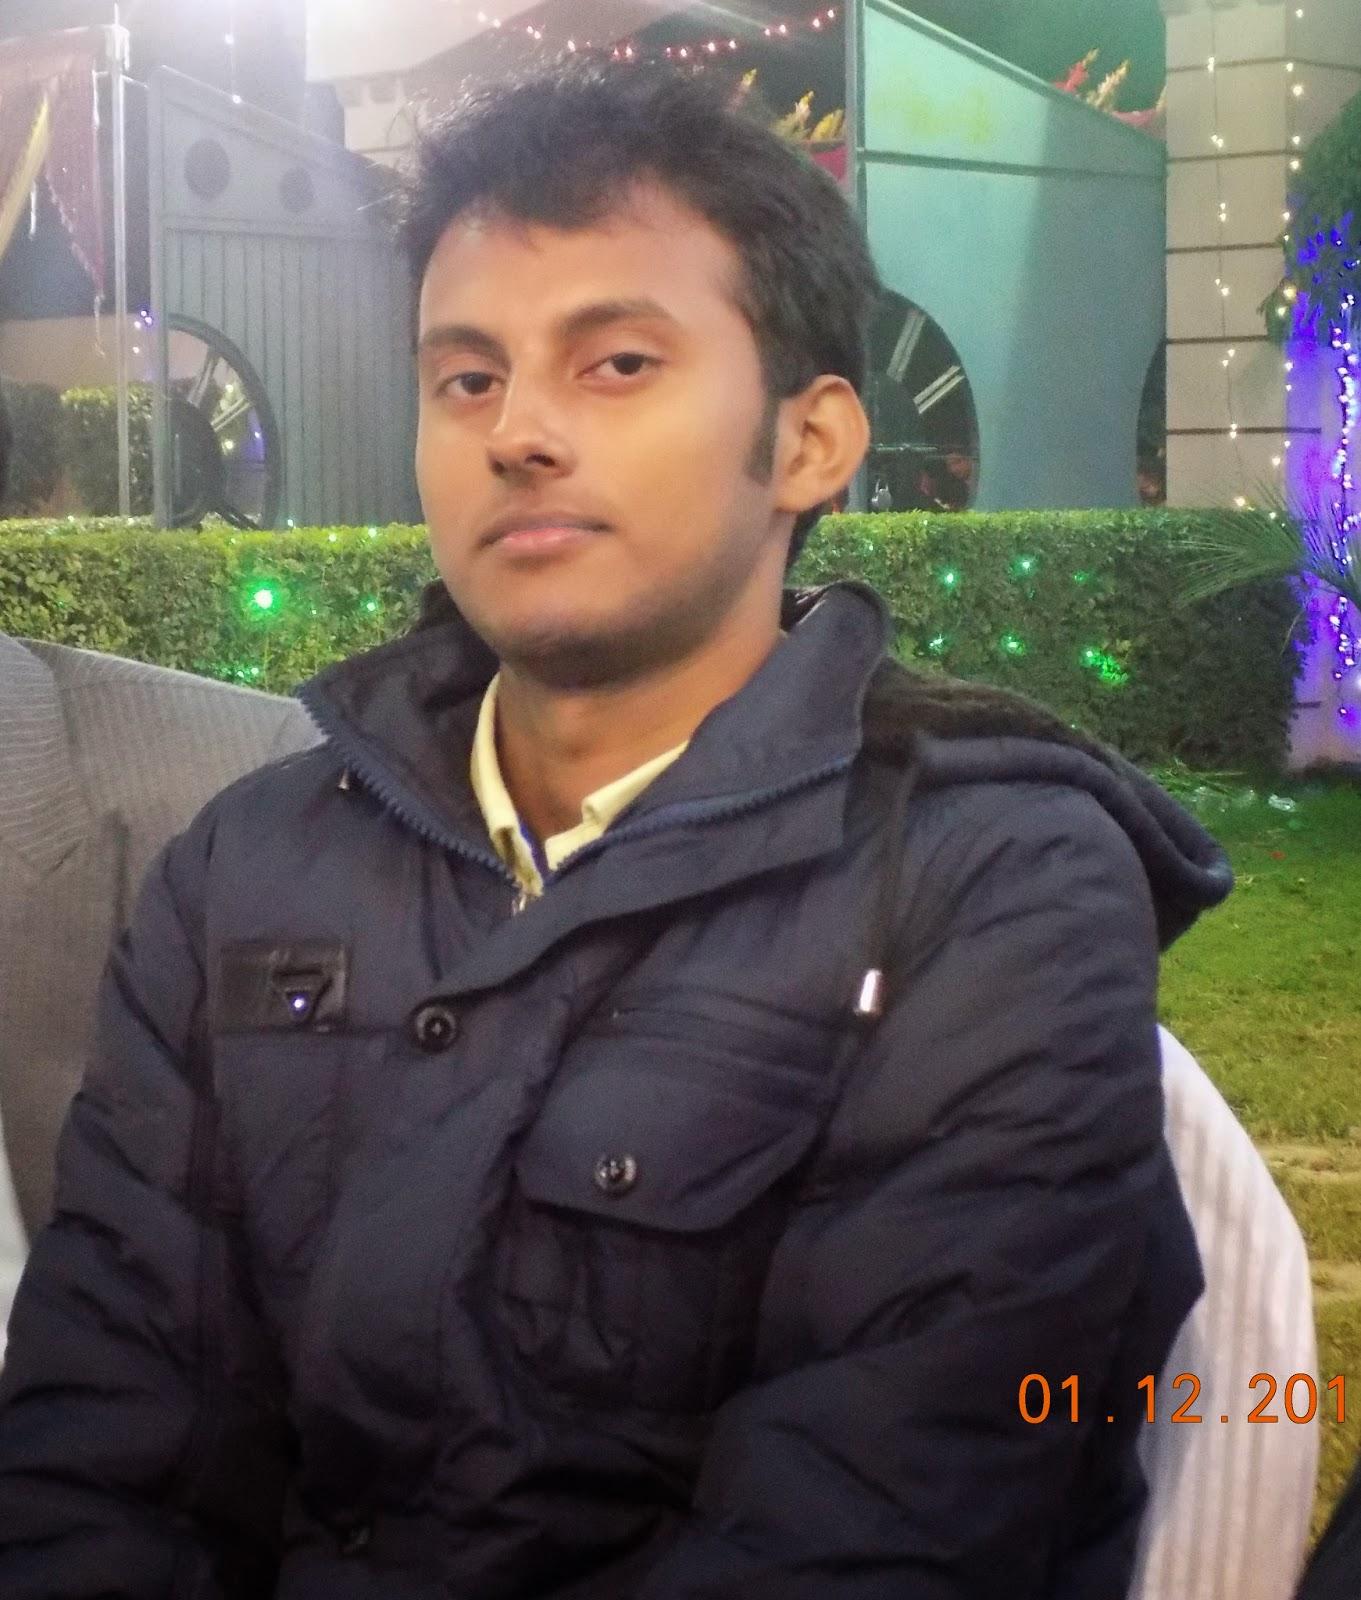 Sudhanshu Patel